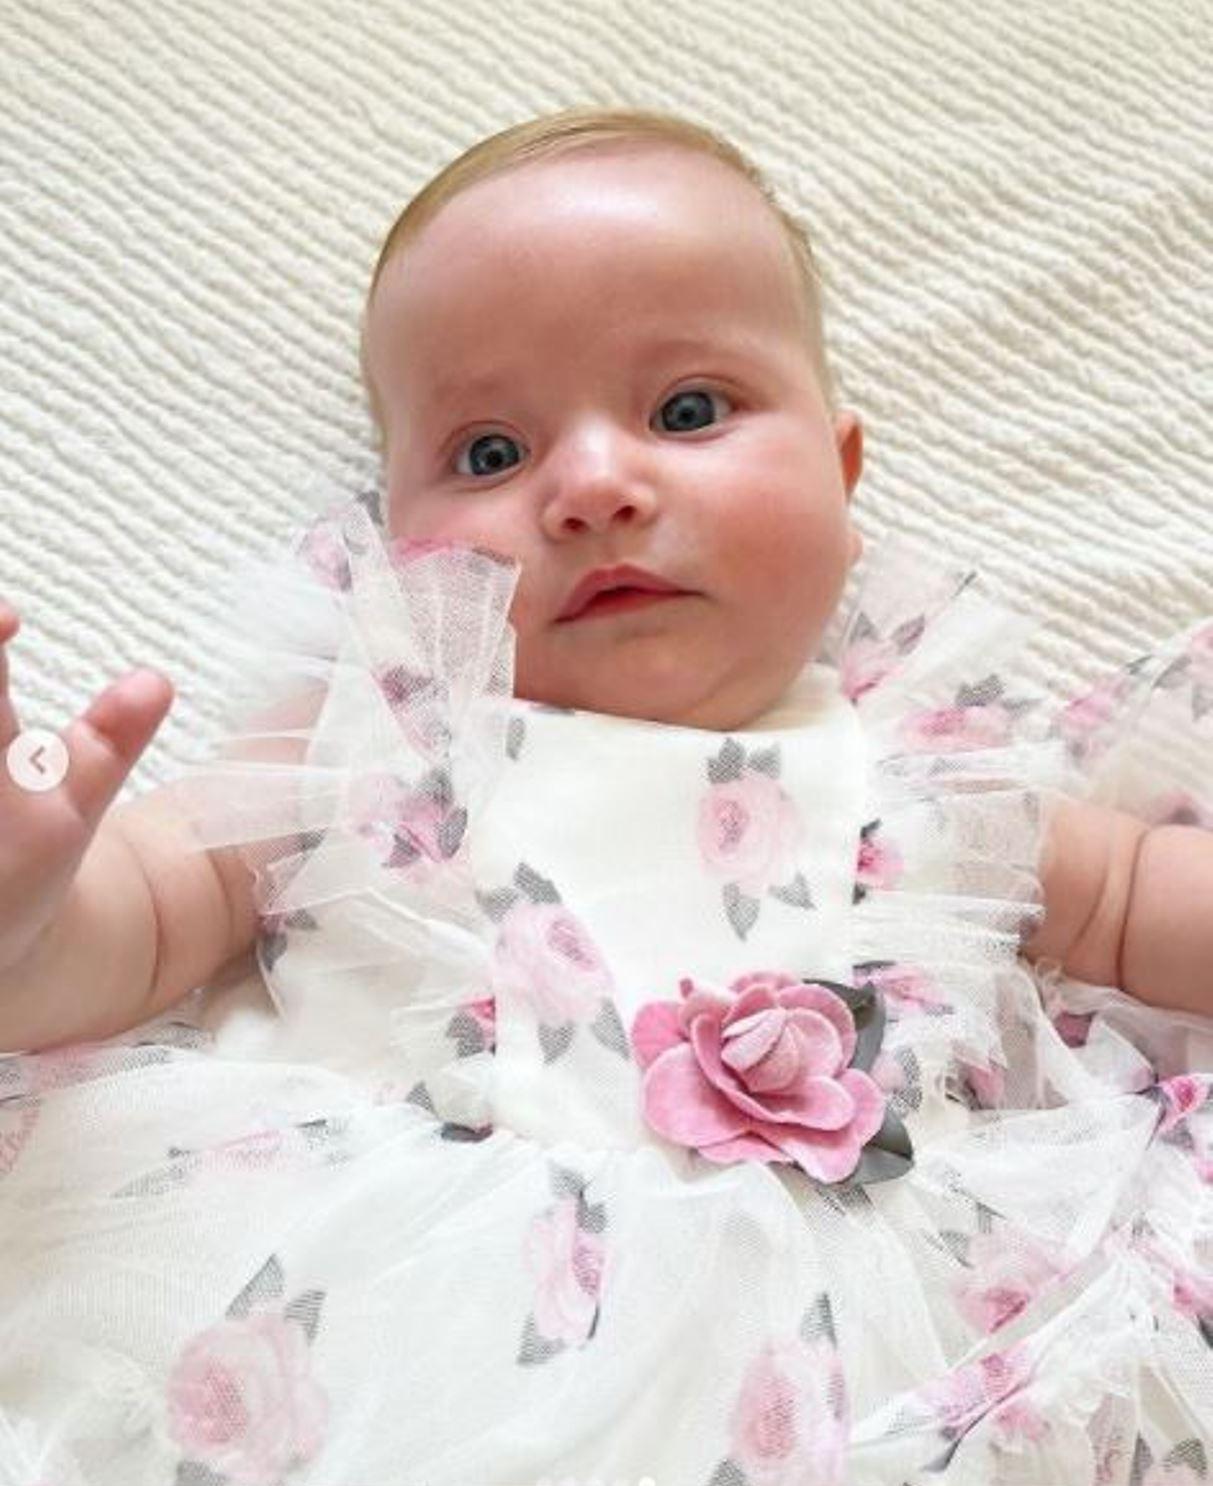 chiara ferragni figlia vittoria ballerina abito prezzo